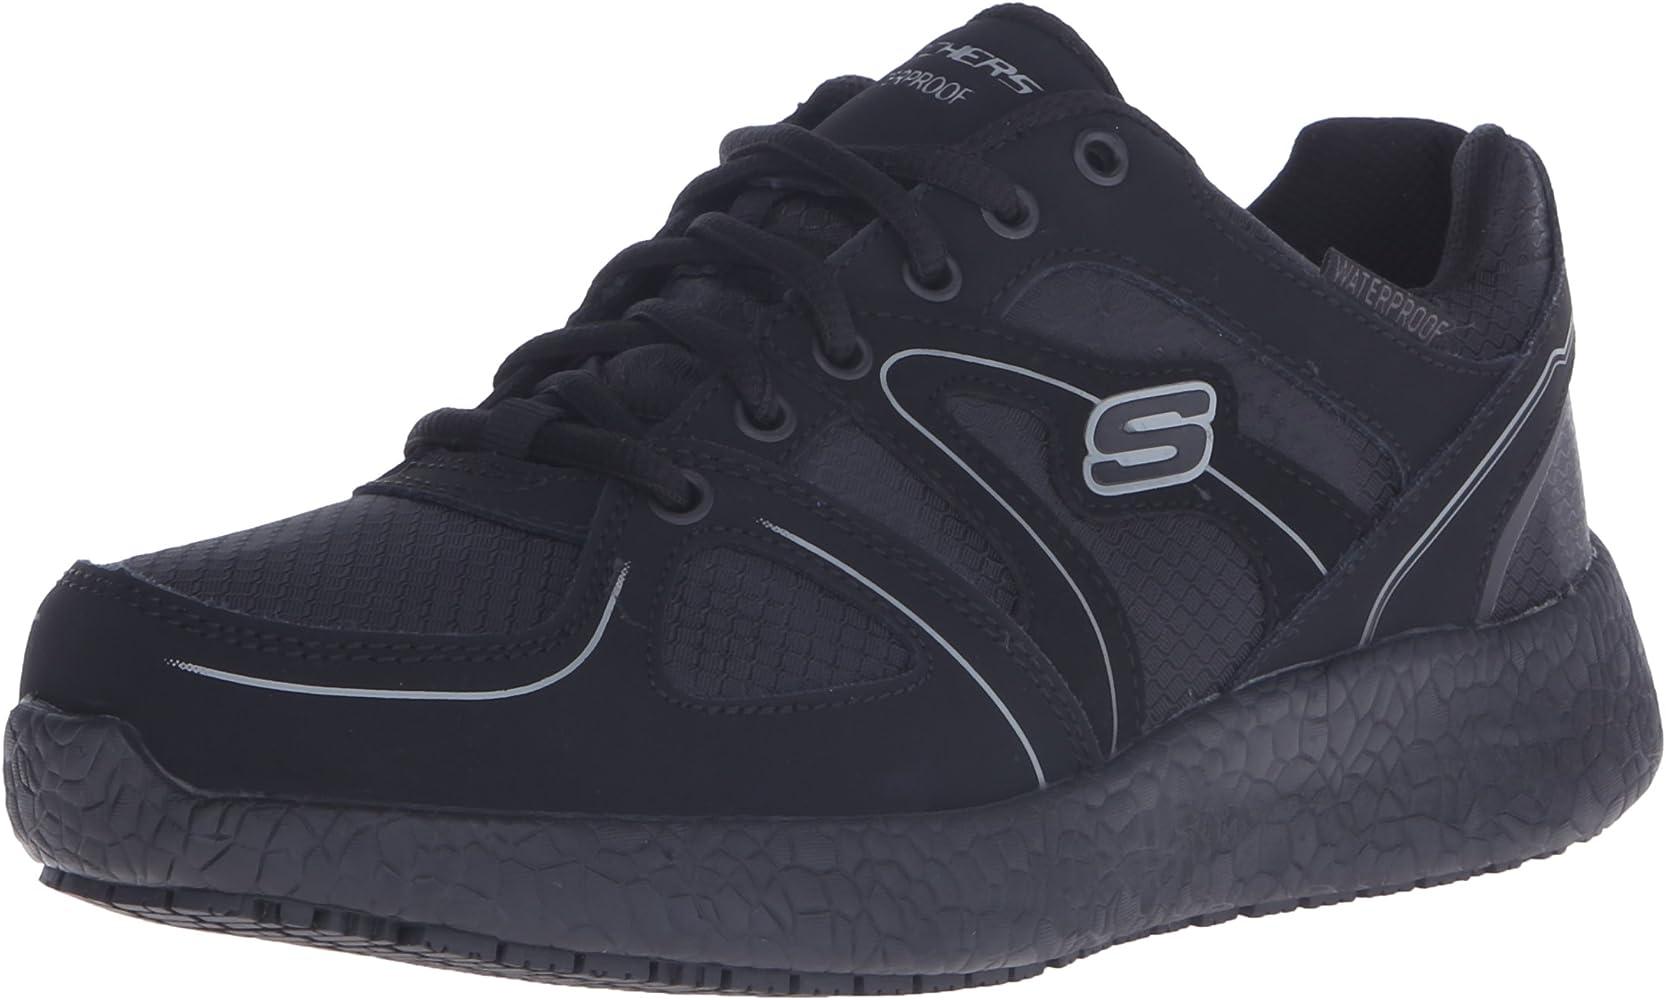 Burst SR Gwinner Wide Work Shoe